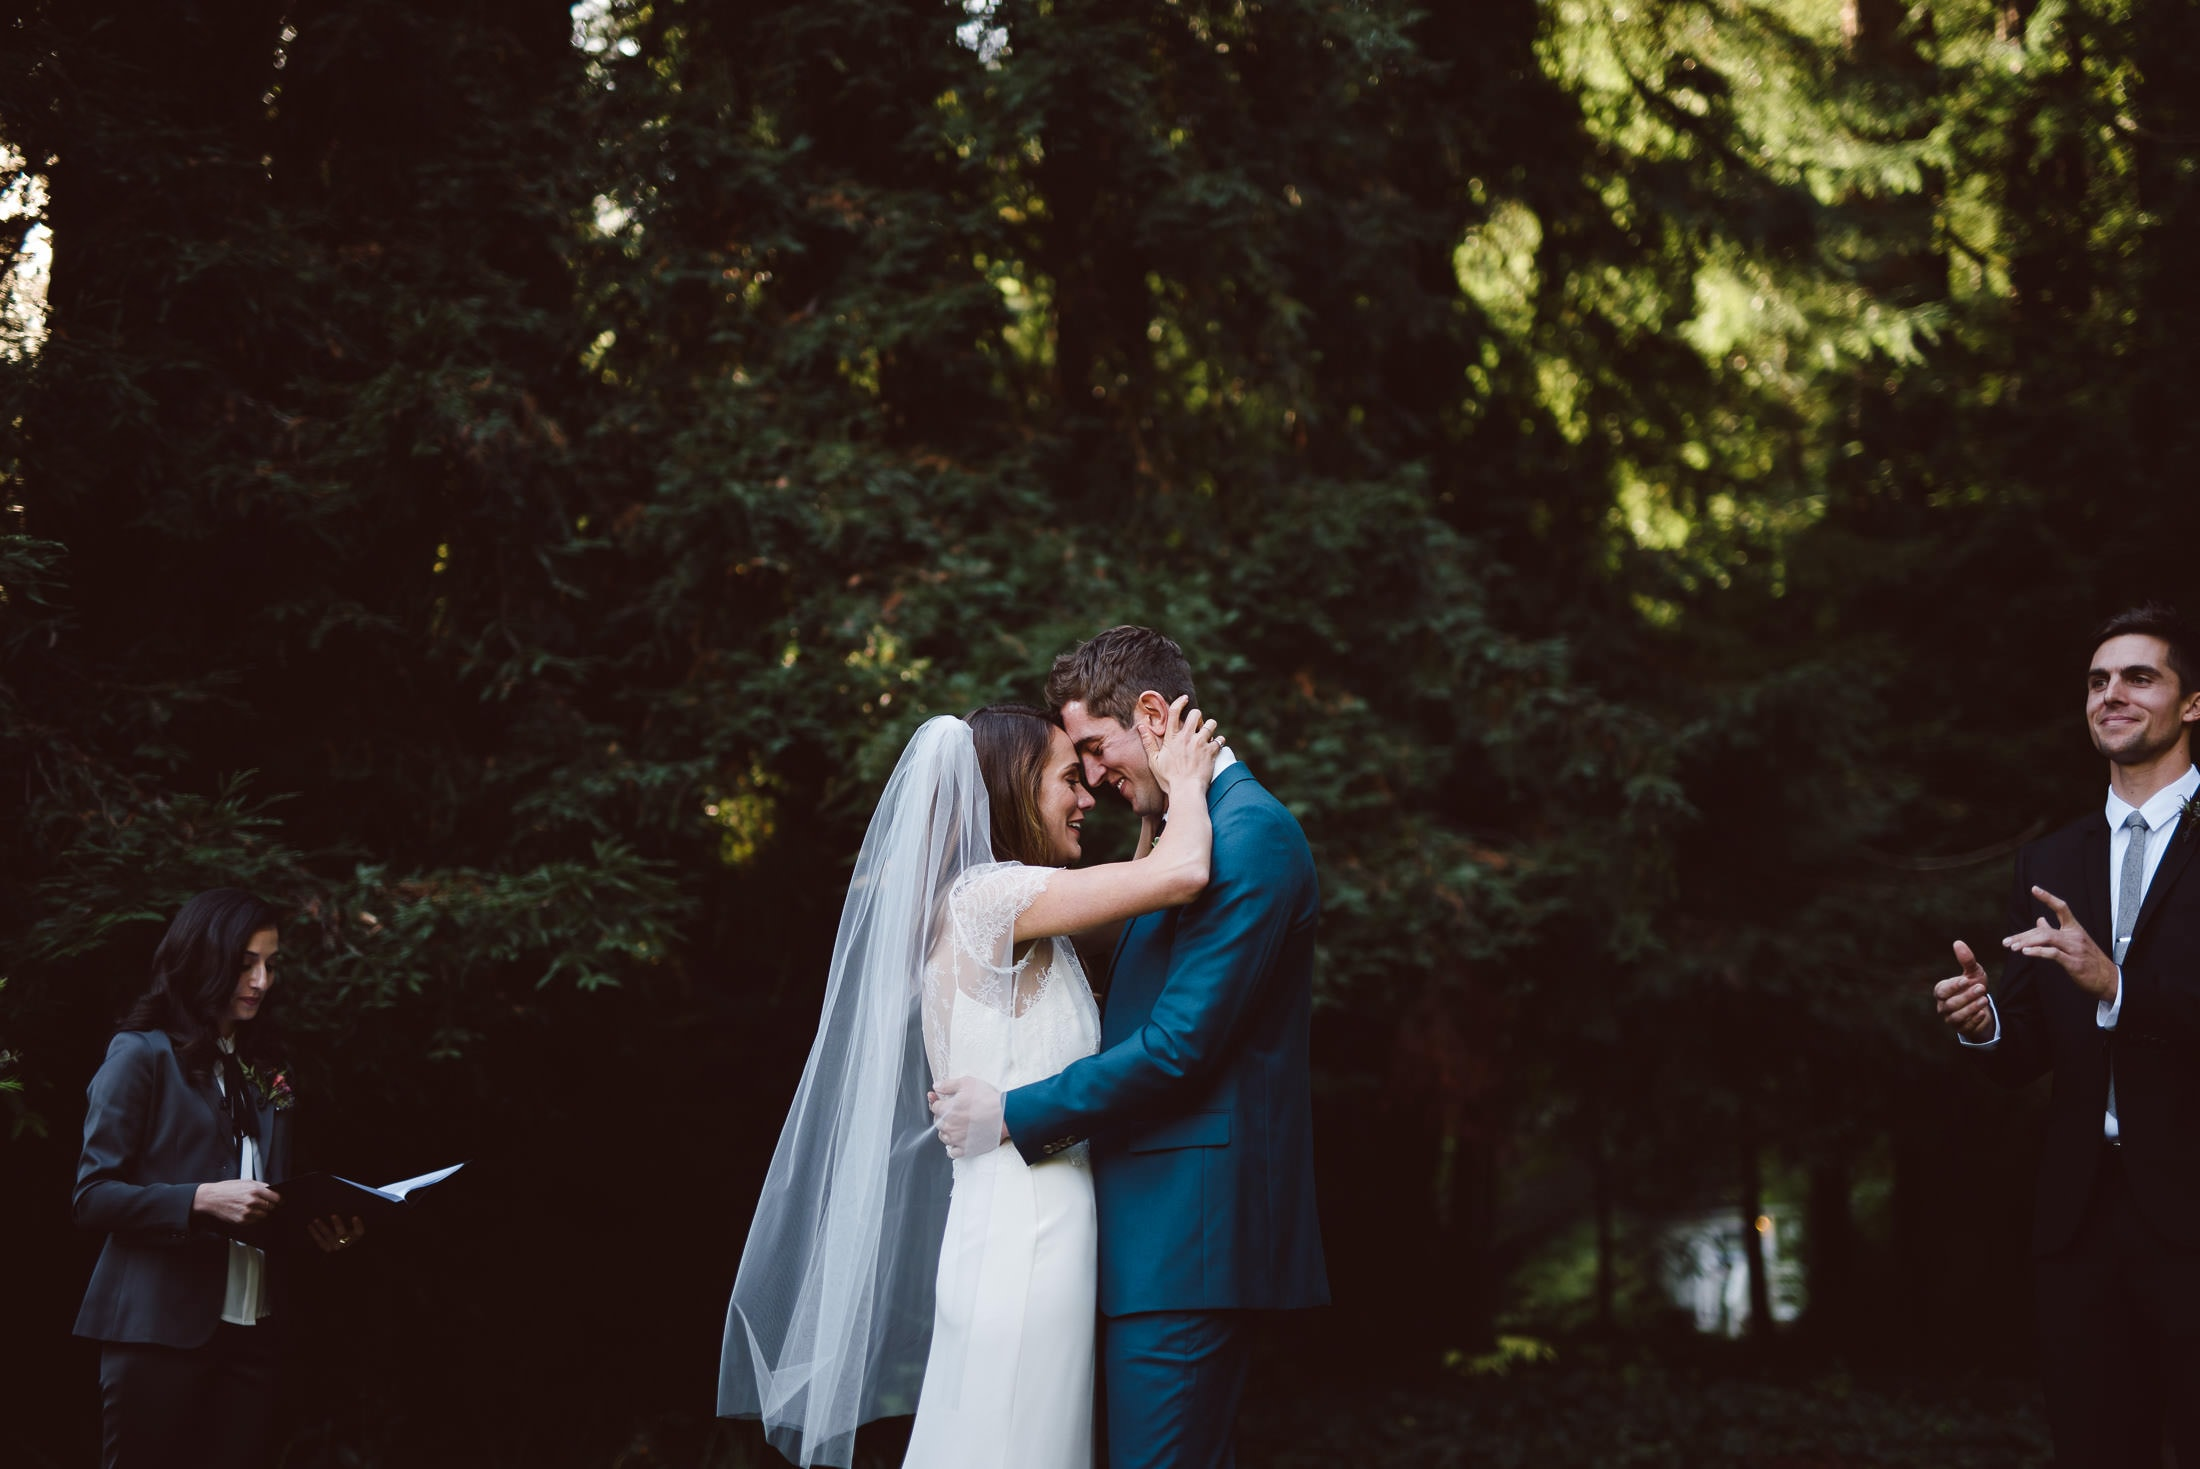 Dawn ranch wedding ceremony